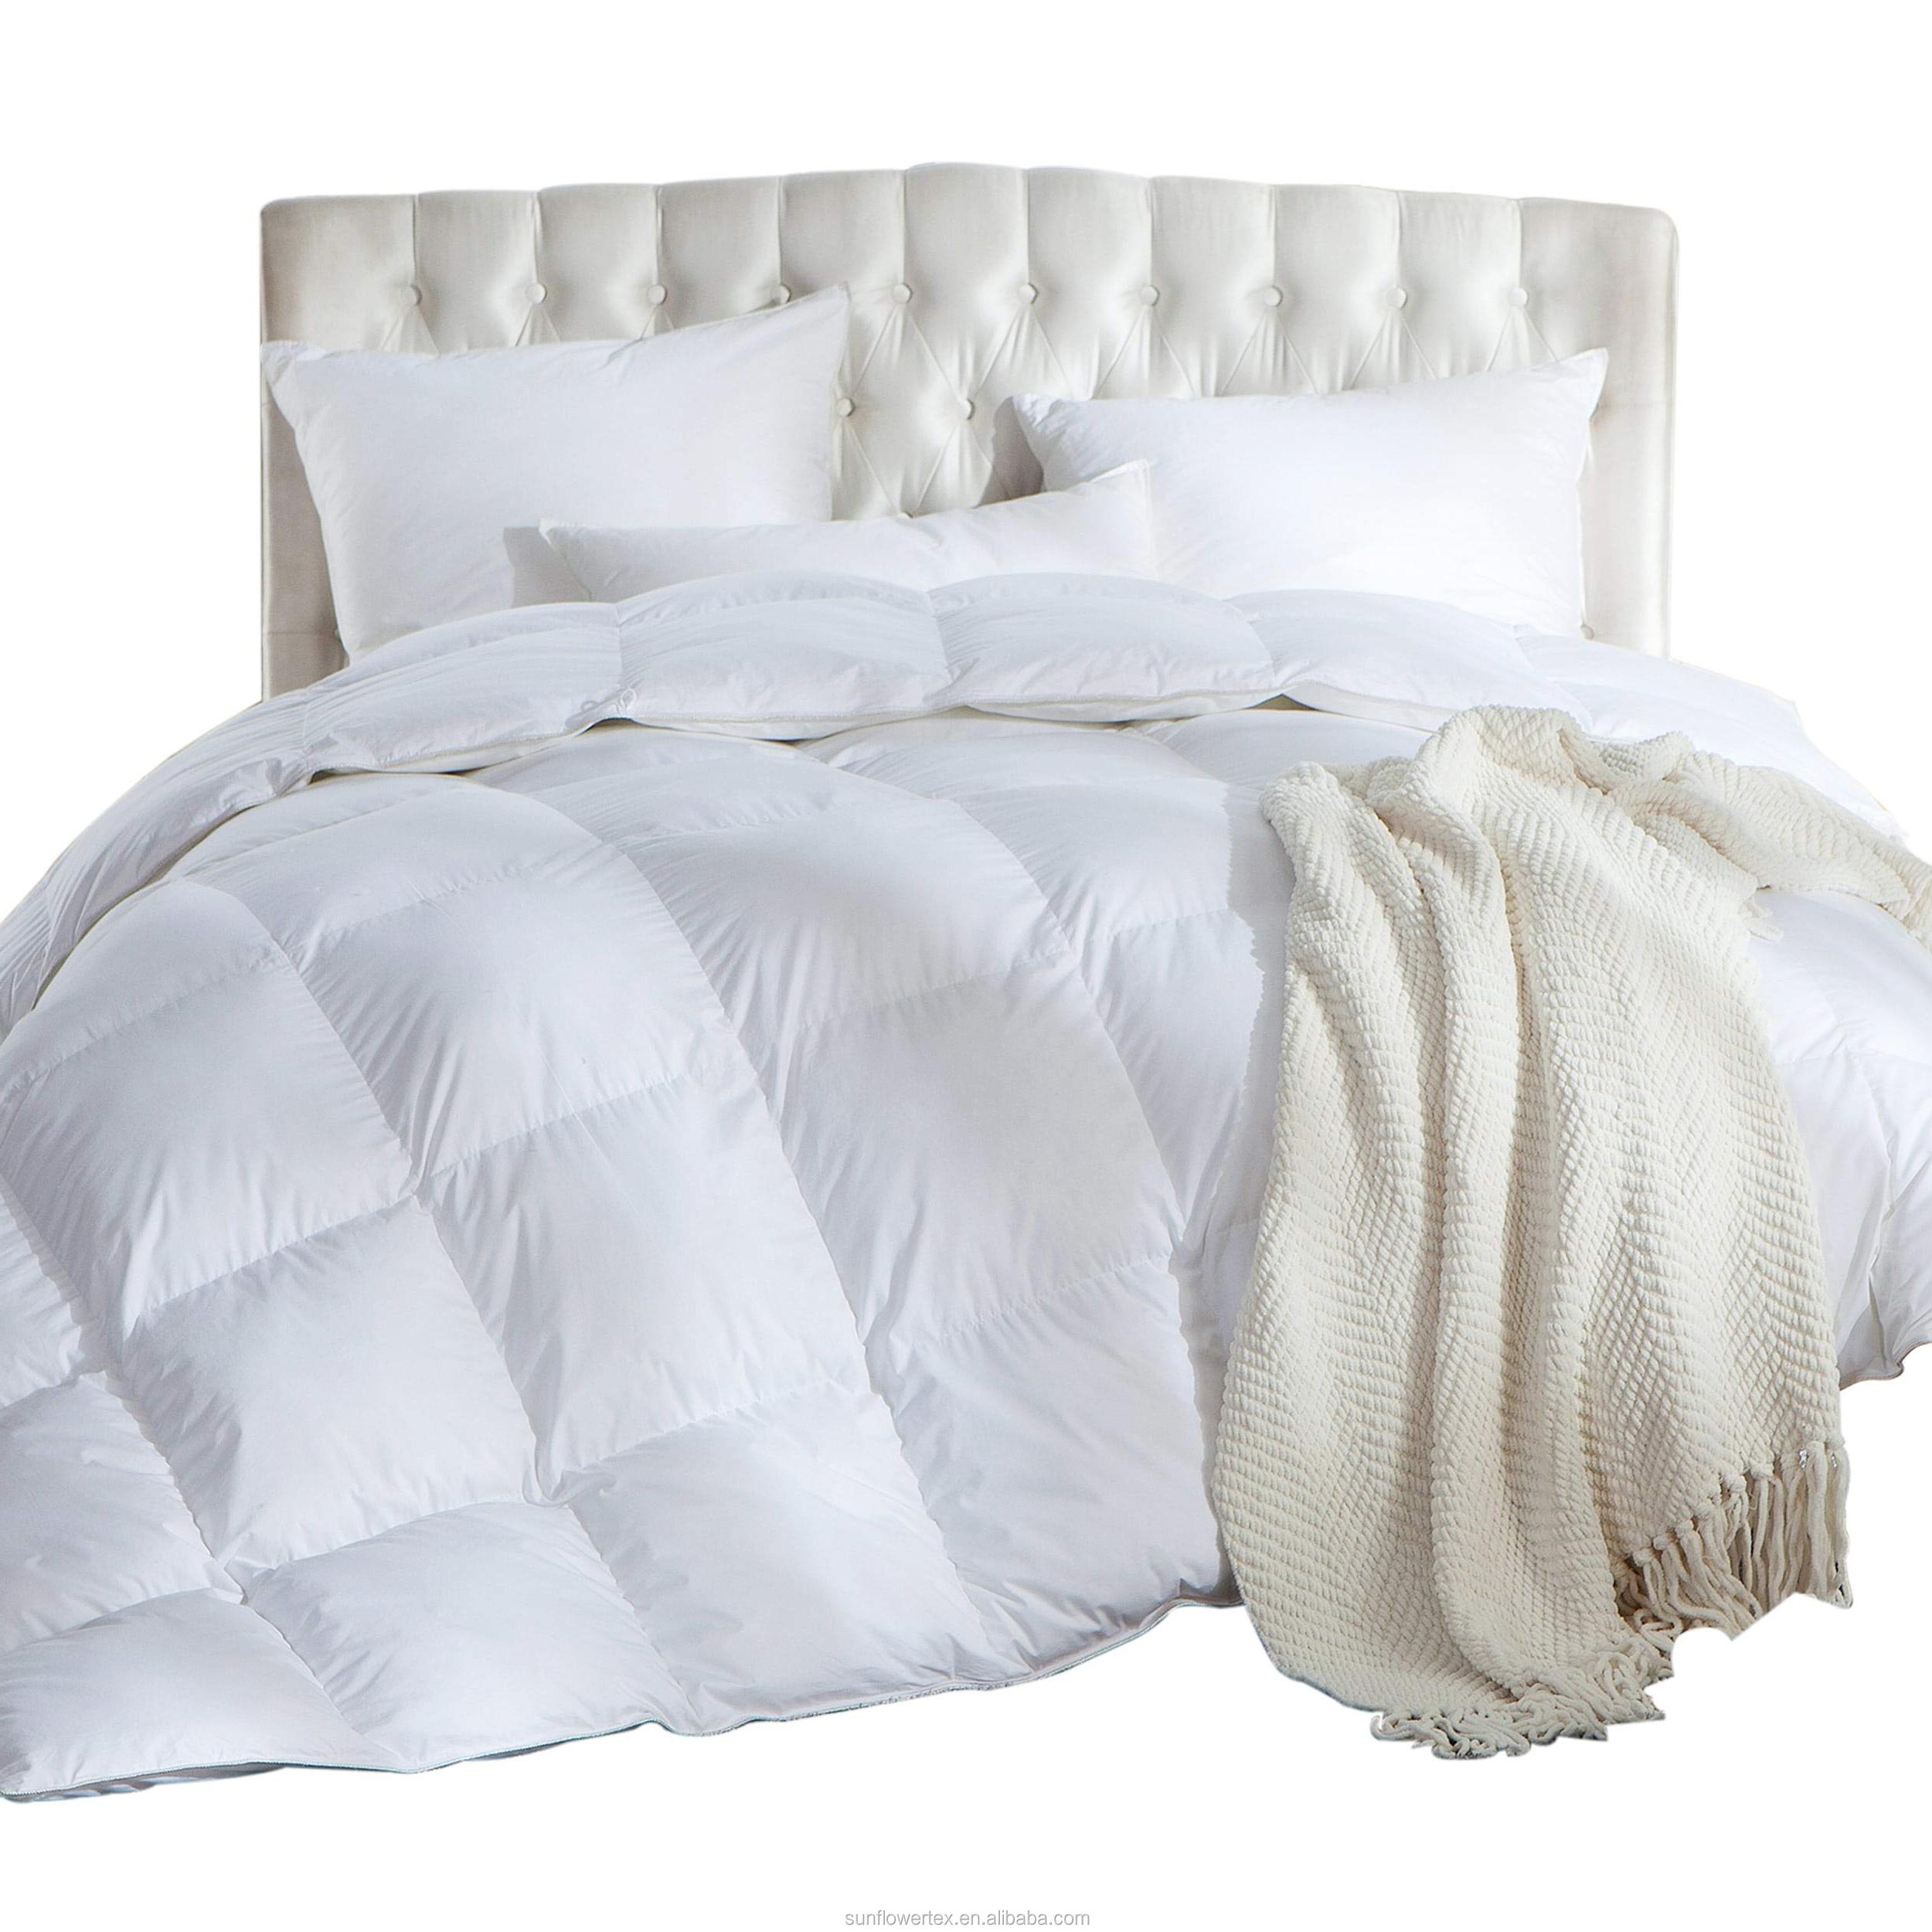 Лучшая цена! Высококачественное одеяло из 10% гусиного пуха